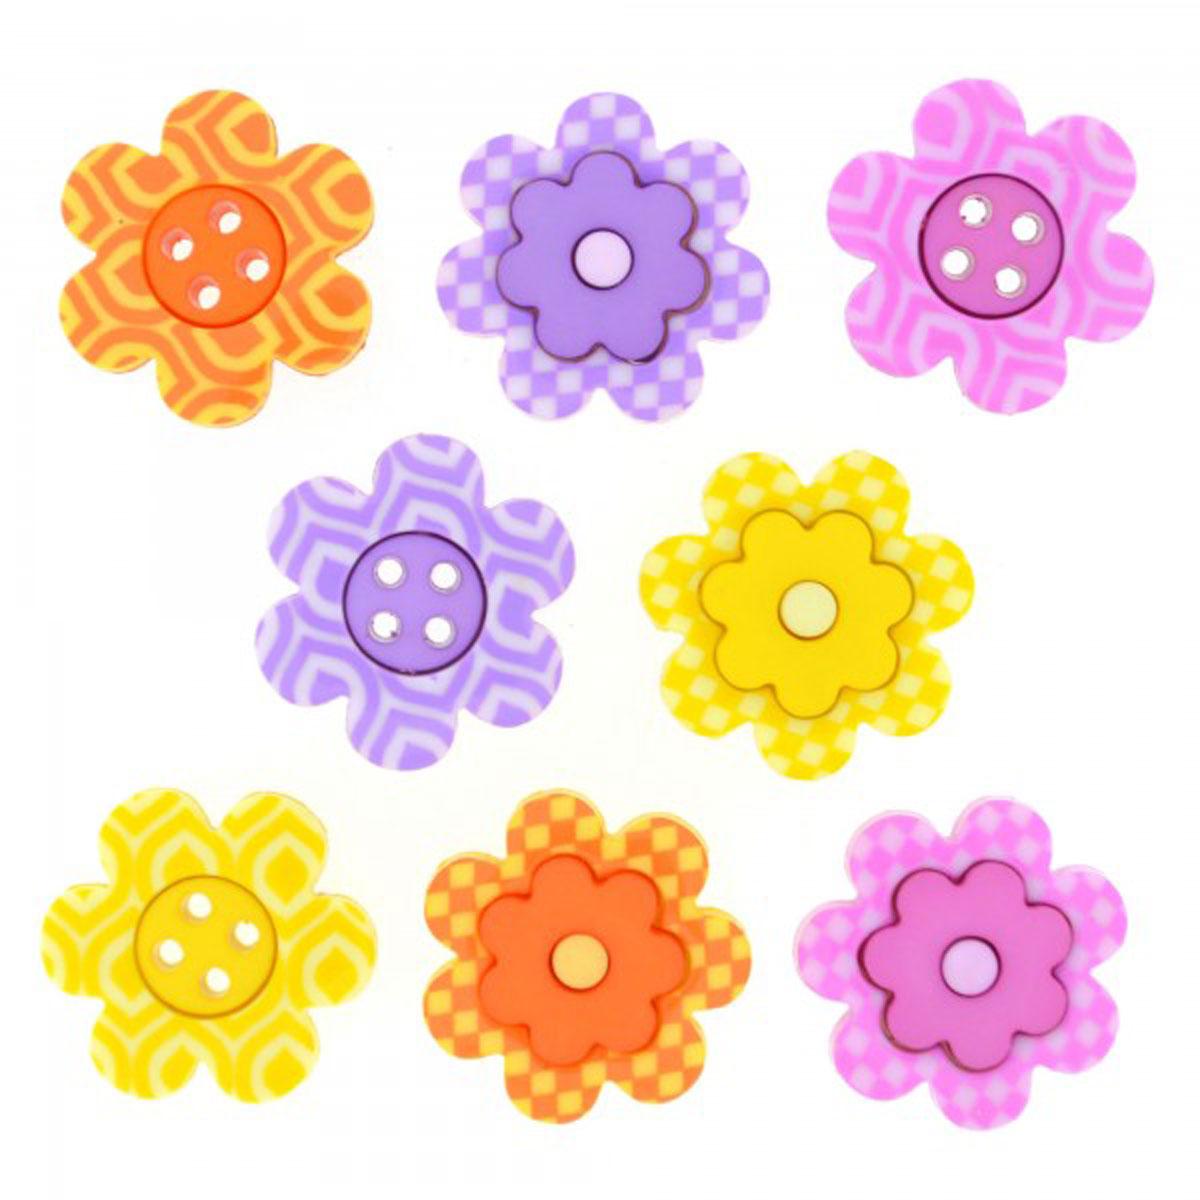 Пуговицы декоративные Dress It Up Яркие цветы, 8 шт. 77134747713474Пуговицы декоративные Dress It Up Яркие цветы состоит из 8 декоративных пуговиц, выполненных из цветного пластика в виде цветов. Такие пуговицы подходят для любых видов творчества: скрапбукинга, декорирования, шитья, изготовления кукол, а также для оформления одежды. С их помощью вы сможете украсить открытку, фотографию, альбом, подарок и другие предметы ручной работы. Пуговицы разных цветов имеют оригинальный и яркий дизайн. Средний размер пуговиц: 2 см х 2 см х 0,3 см.